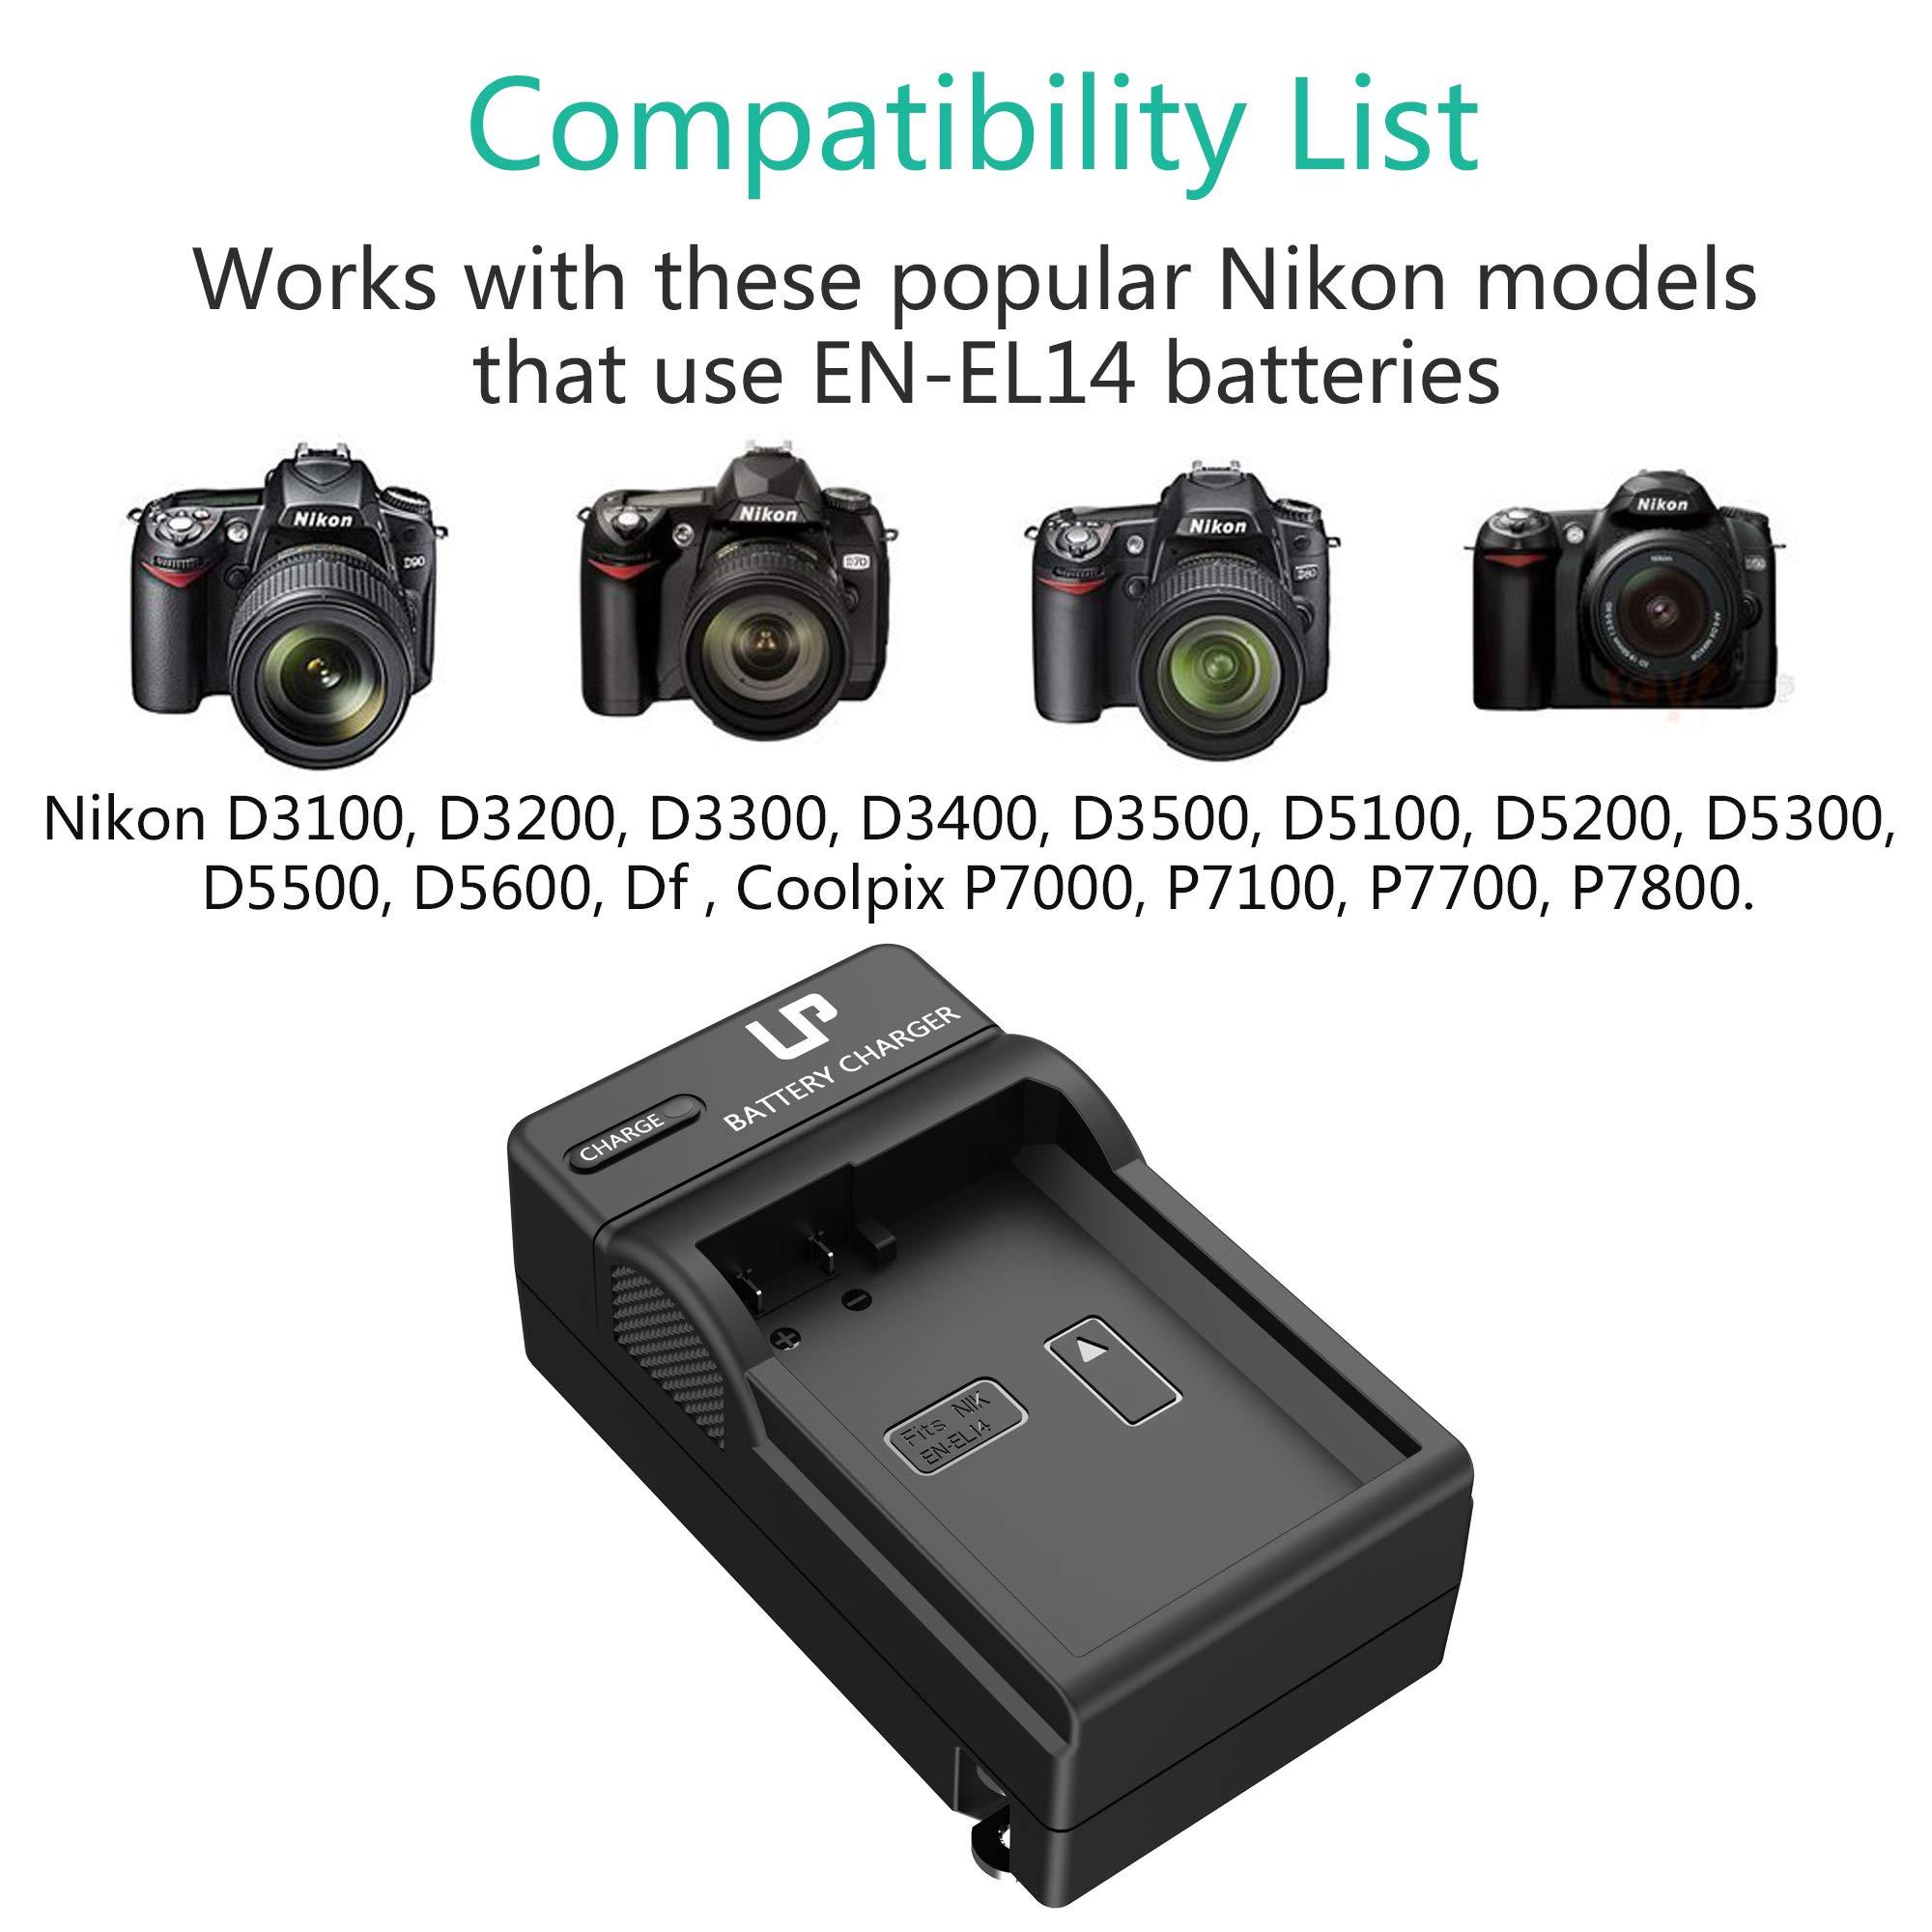 D5500 Compatible with Nikon D3100 P7000 LP EN-EL14 EN EL14a Battery D5100 D3300 D5300 D3200 D5600 D5200 D3400 D3500 DF P7700 /& More